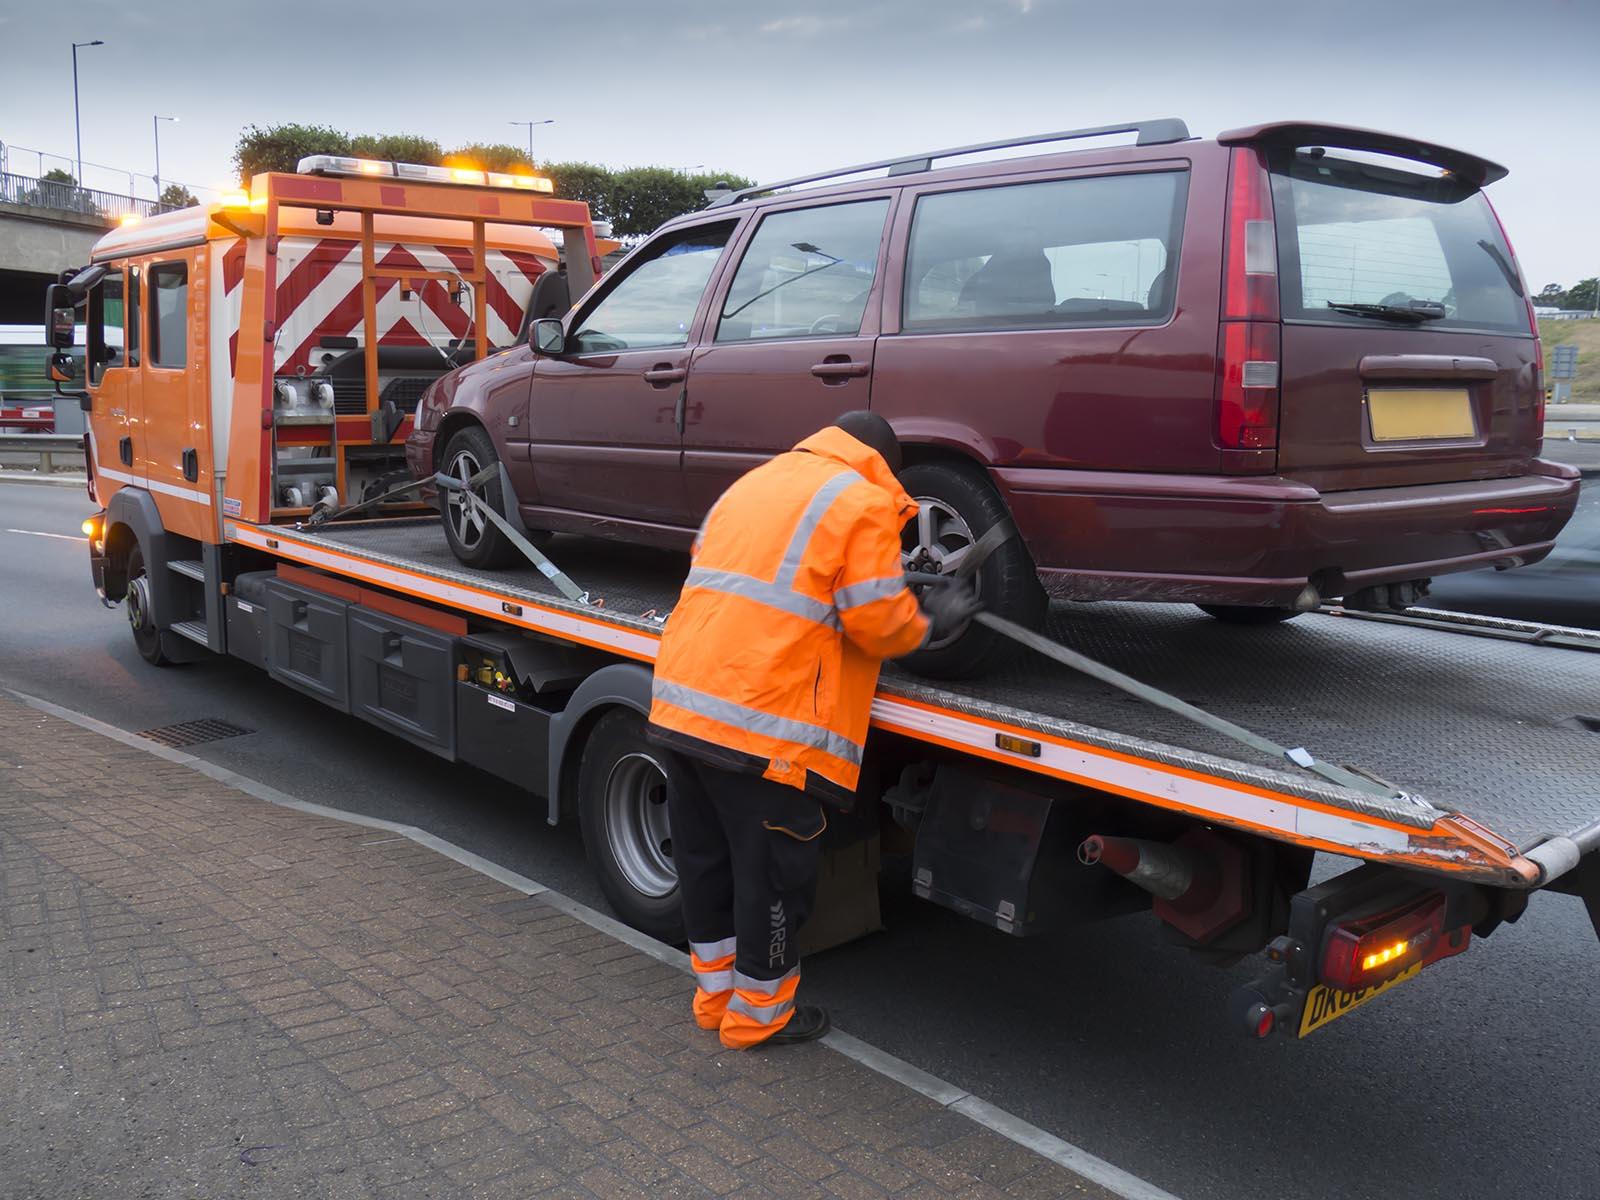 Har du en gammal bil som du vill bli av med så hämtar vår bilskrot i Sörmland den åt dig och skrotar den.